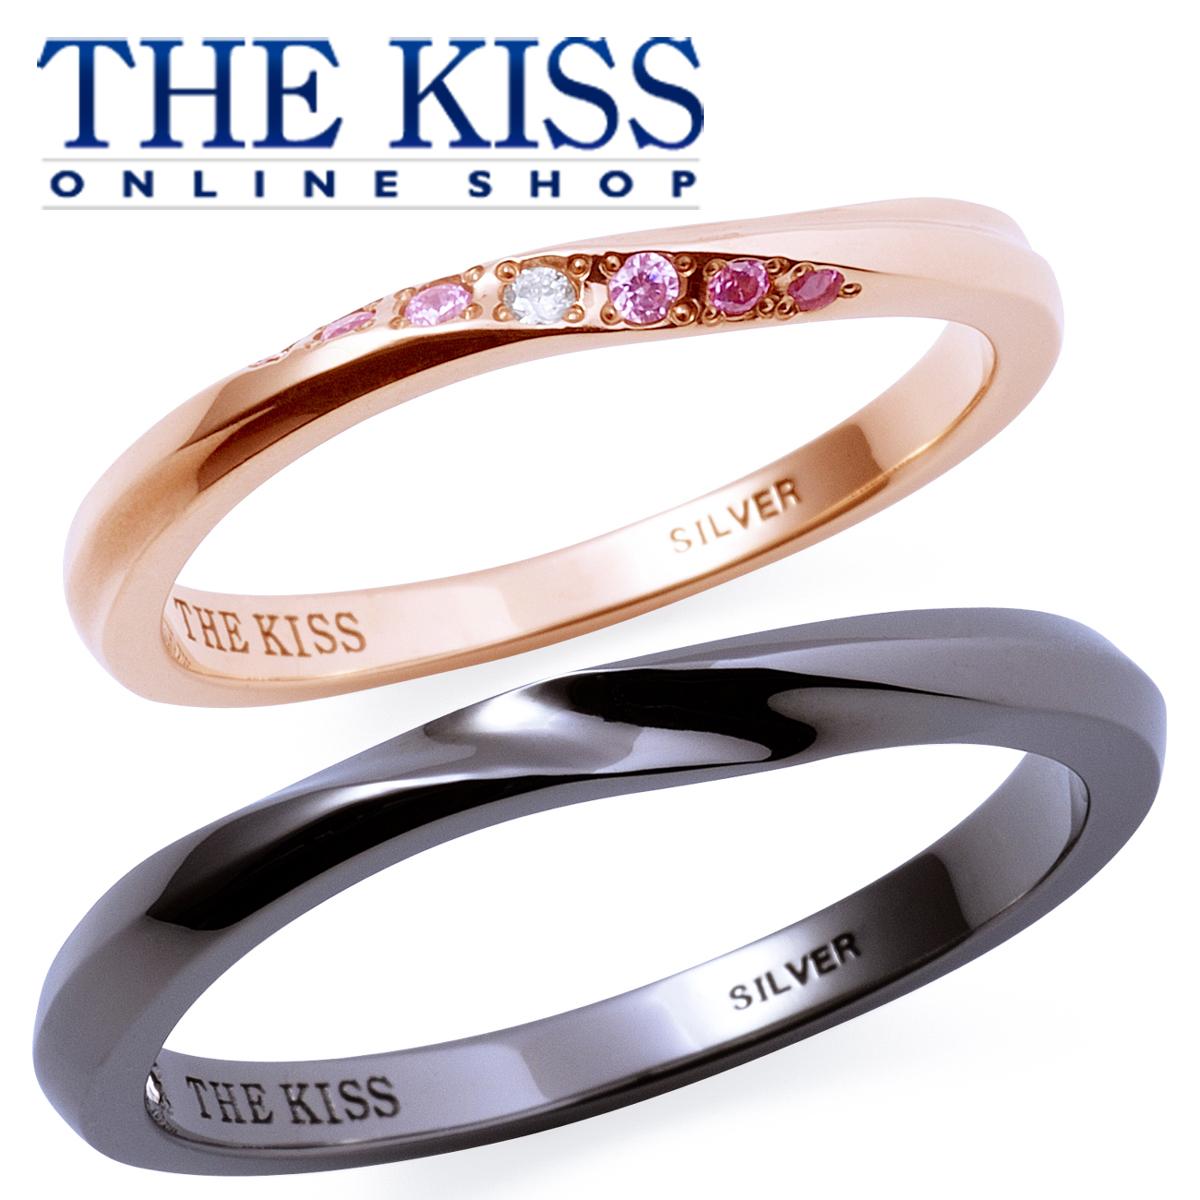 【あす楽対応】THE KISS 公式サイト シルバー ペアリング ダイヤモンド ペアアクセサリー カップル に 人気 の ジュエリーブランド THEKISS ペア リング・指輪 記念日 プレゼント 2017-01RPI-BK セット シンプル ザキス 【送料無料】